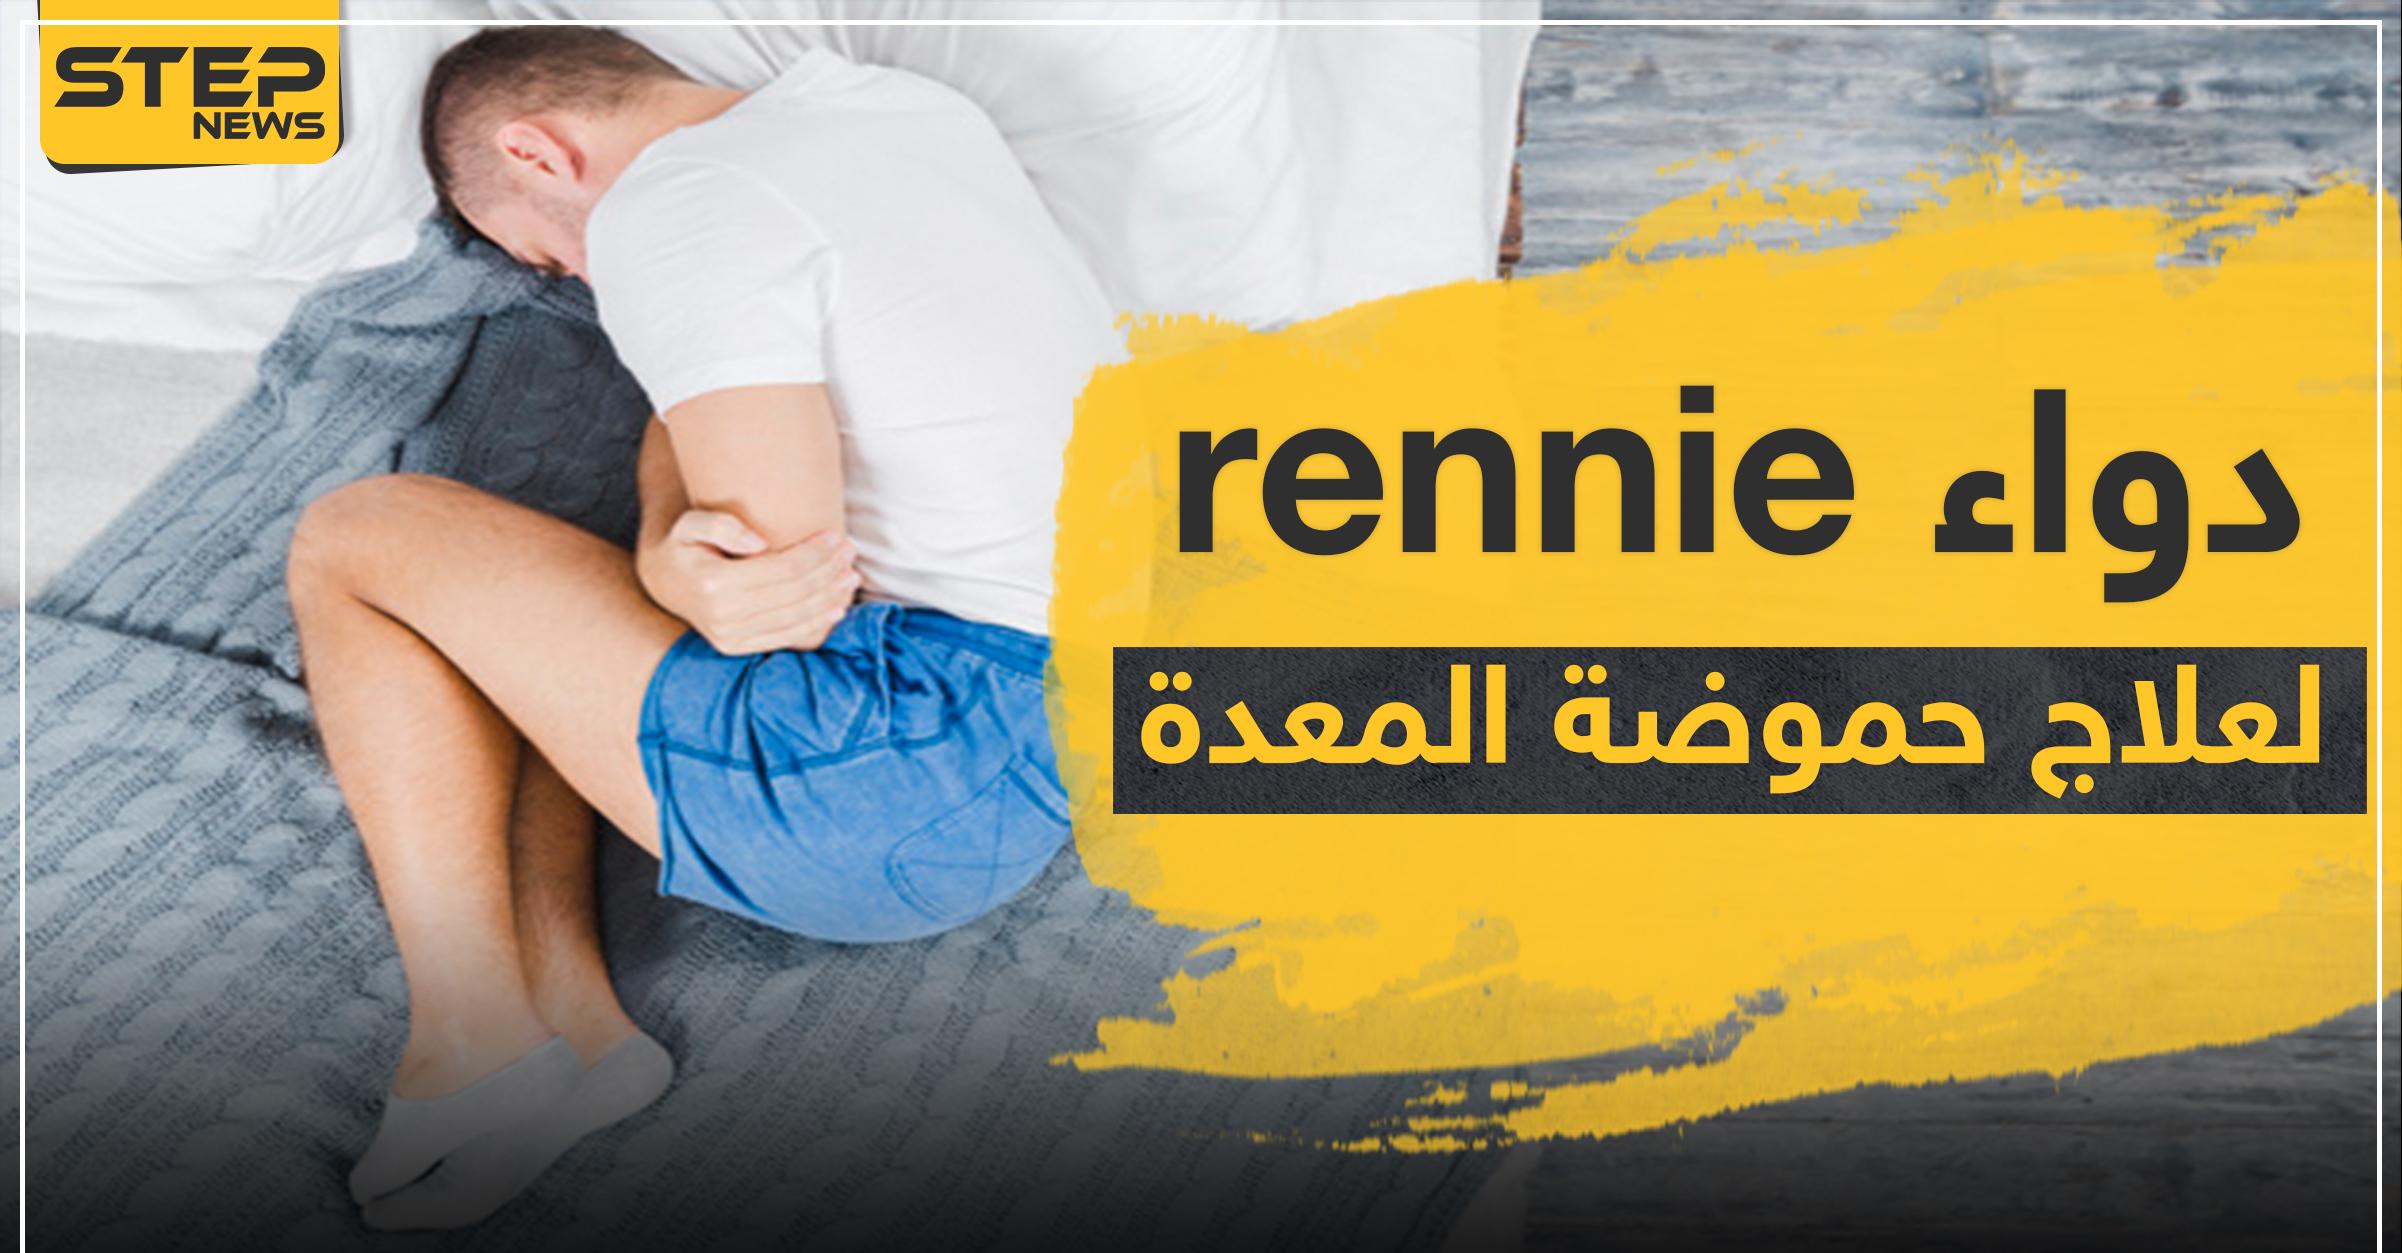 دواء rennie لعلاج حموضة المعدة